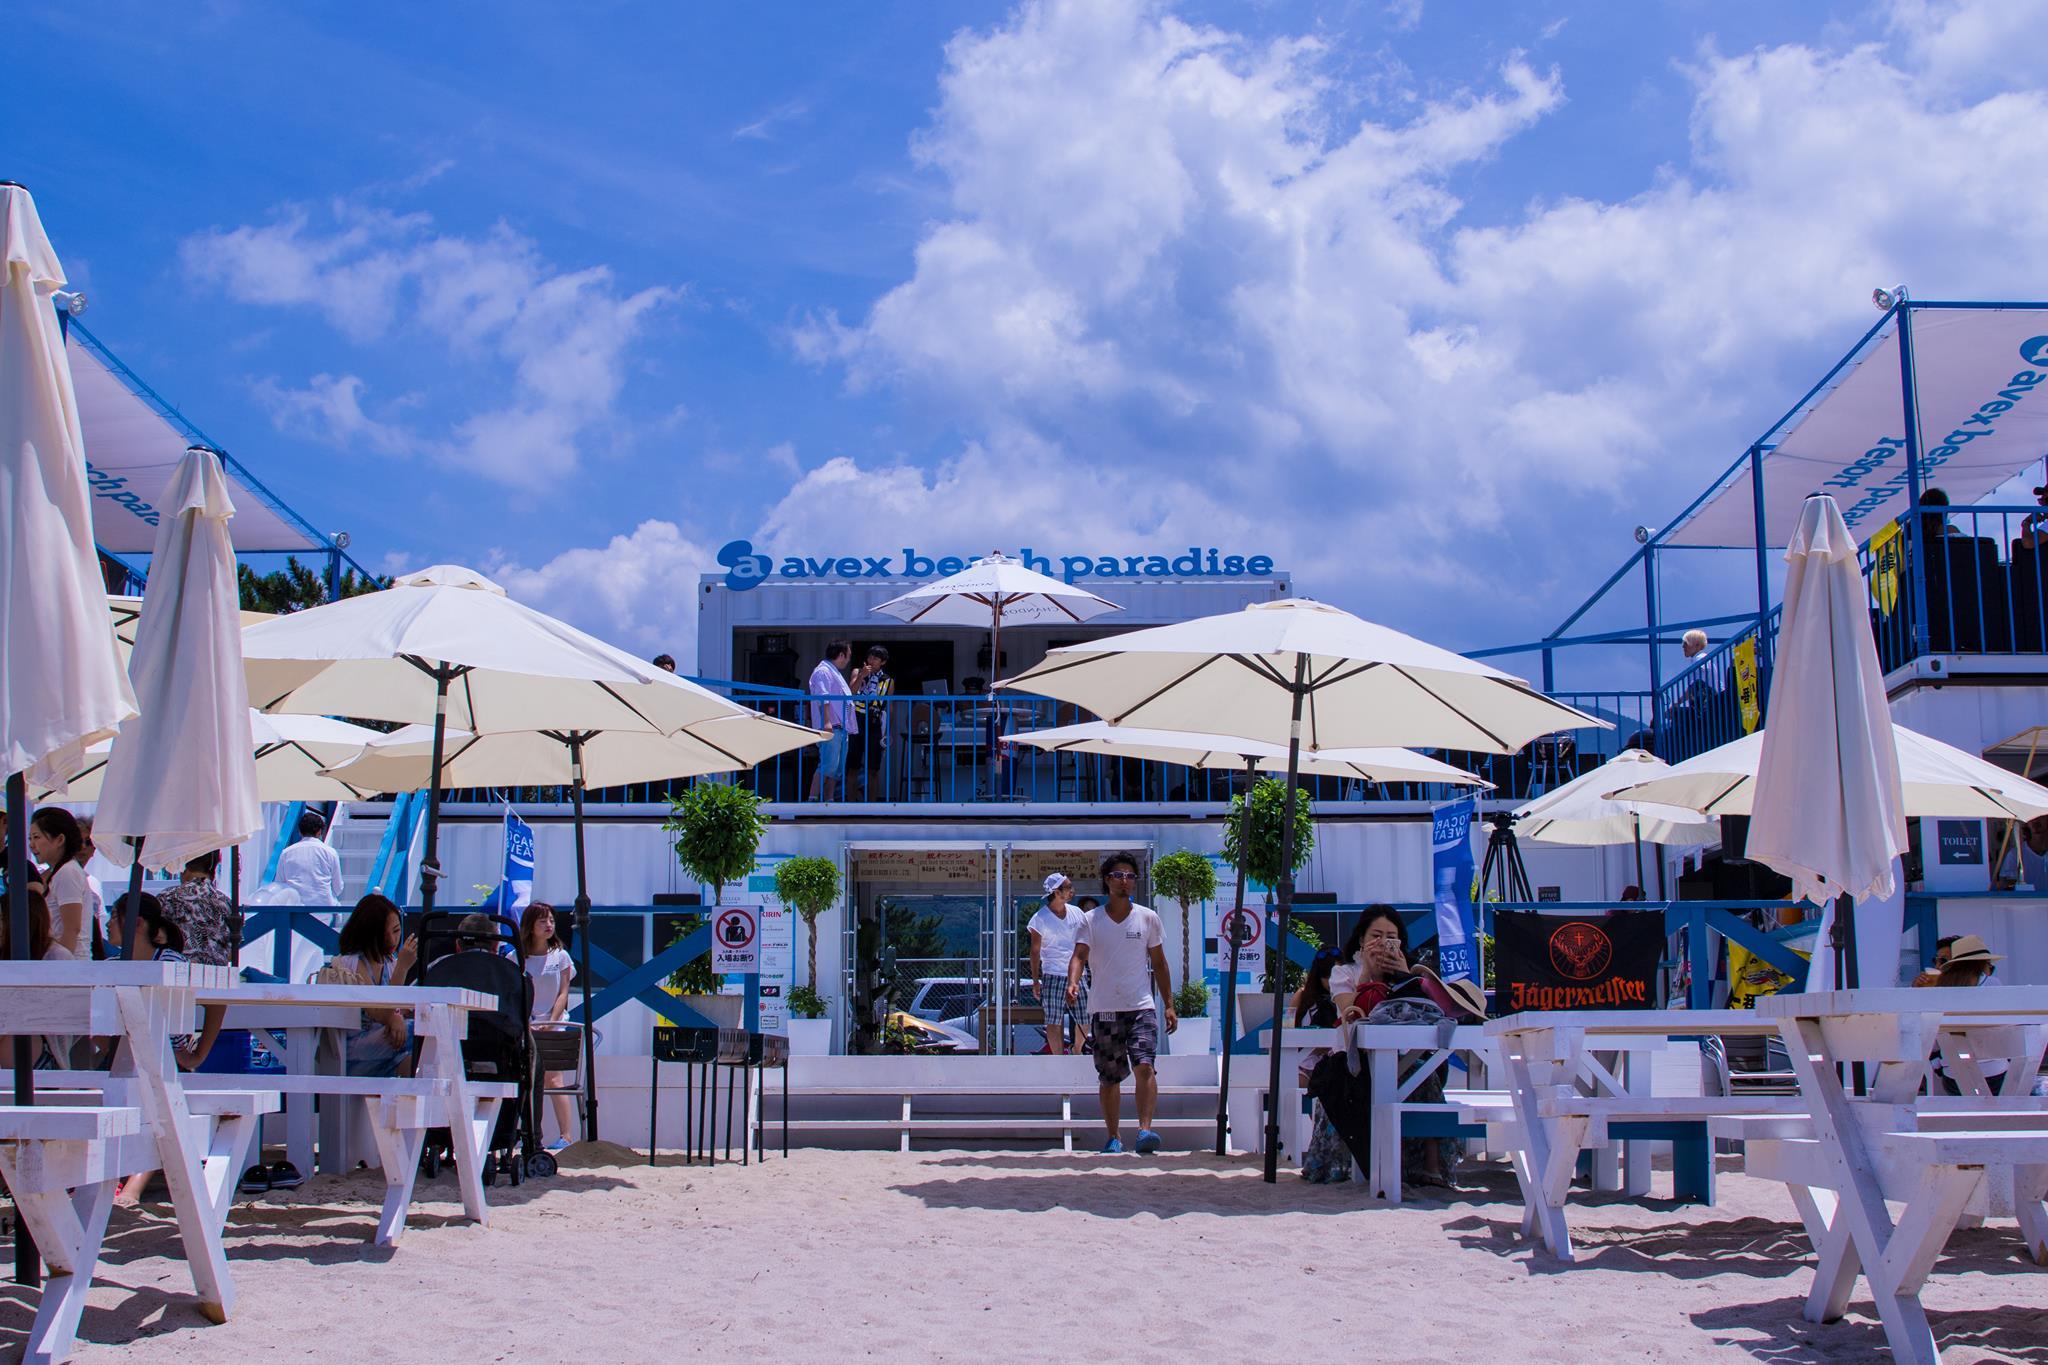 avex beach paradise FUKUOKA